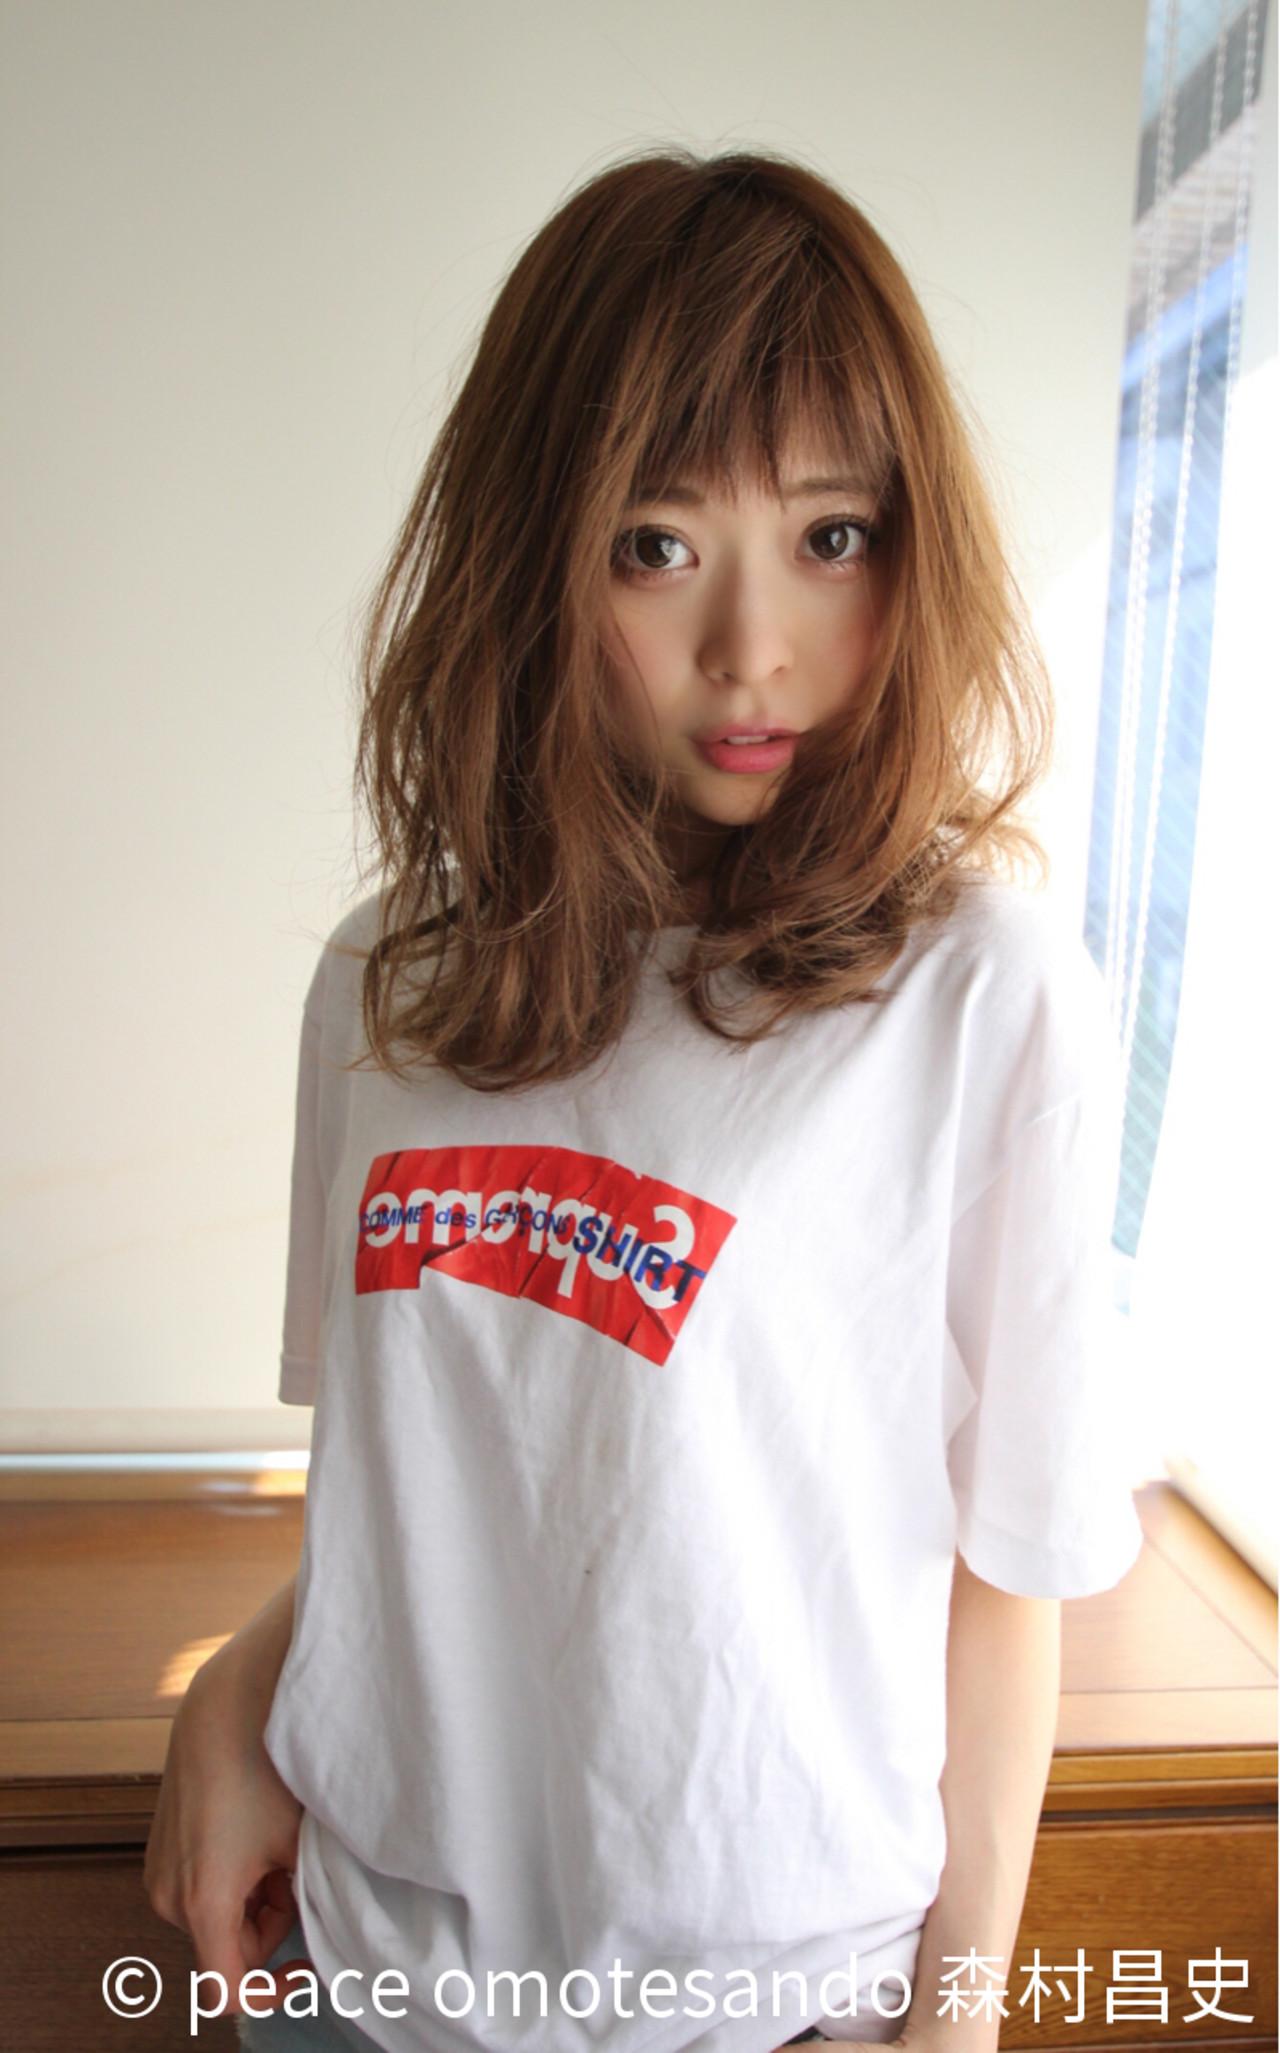 モテ髪 美シルエット ミディアム ひし形 ヘアスタイルや髪型の写真・画像